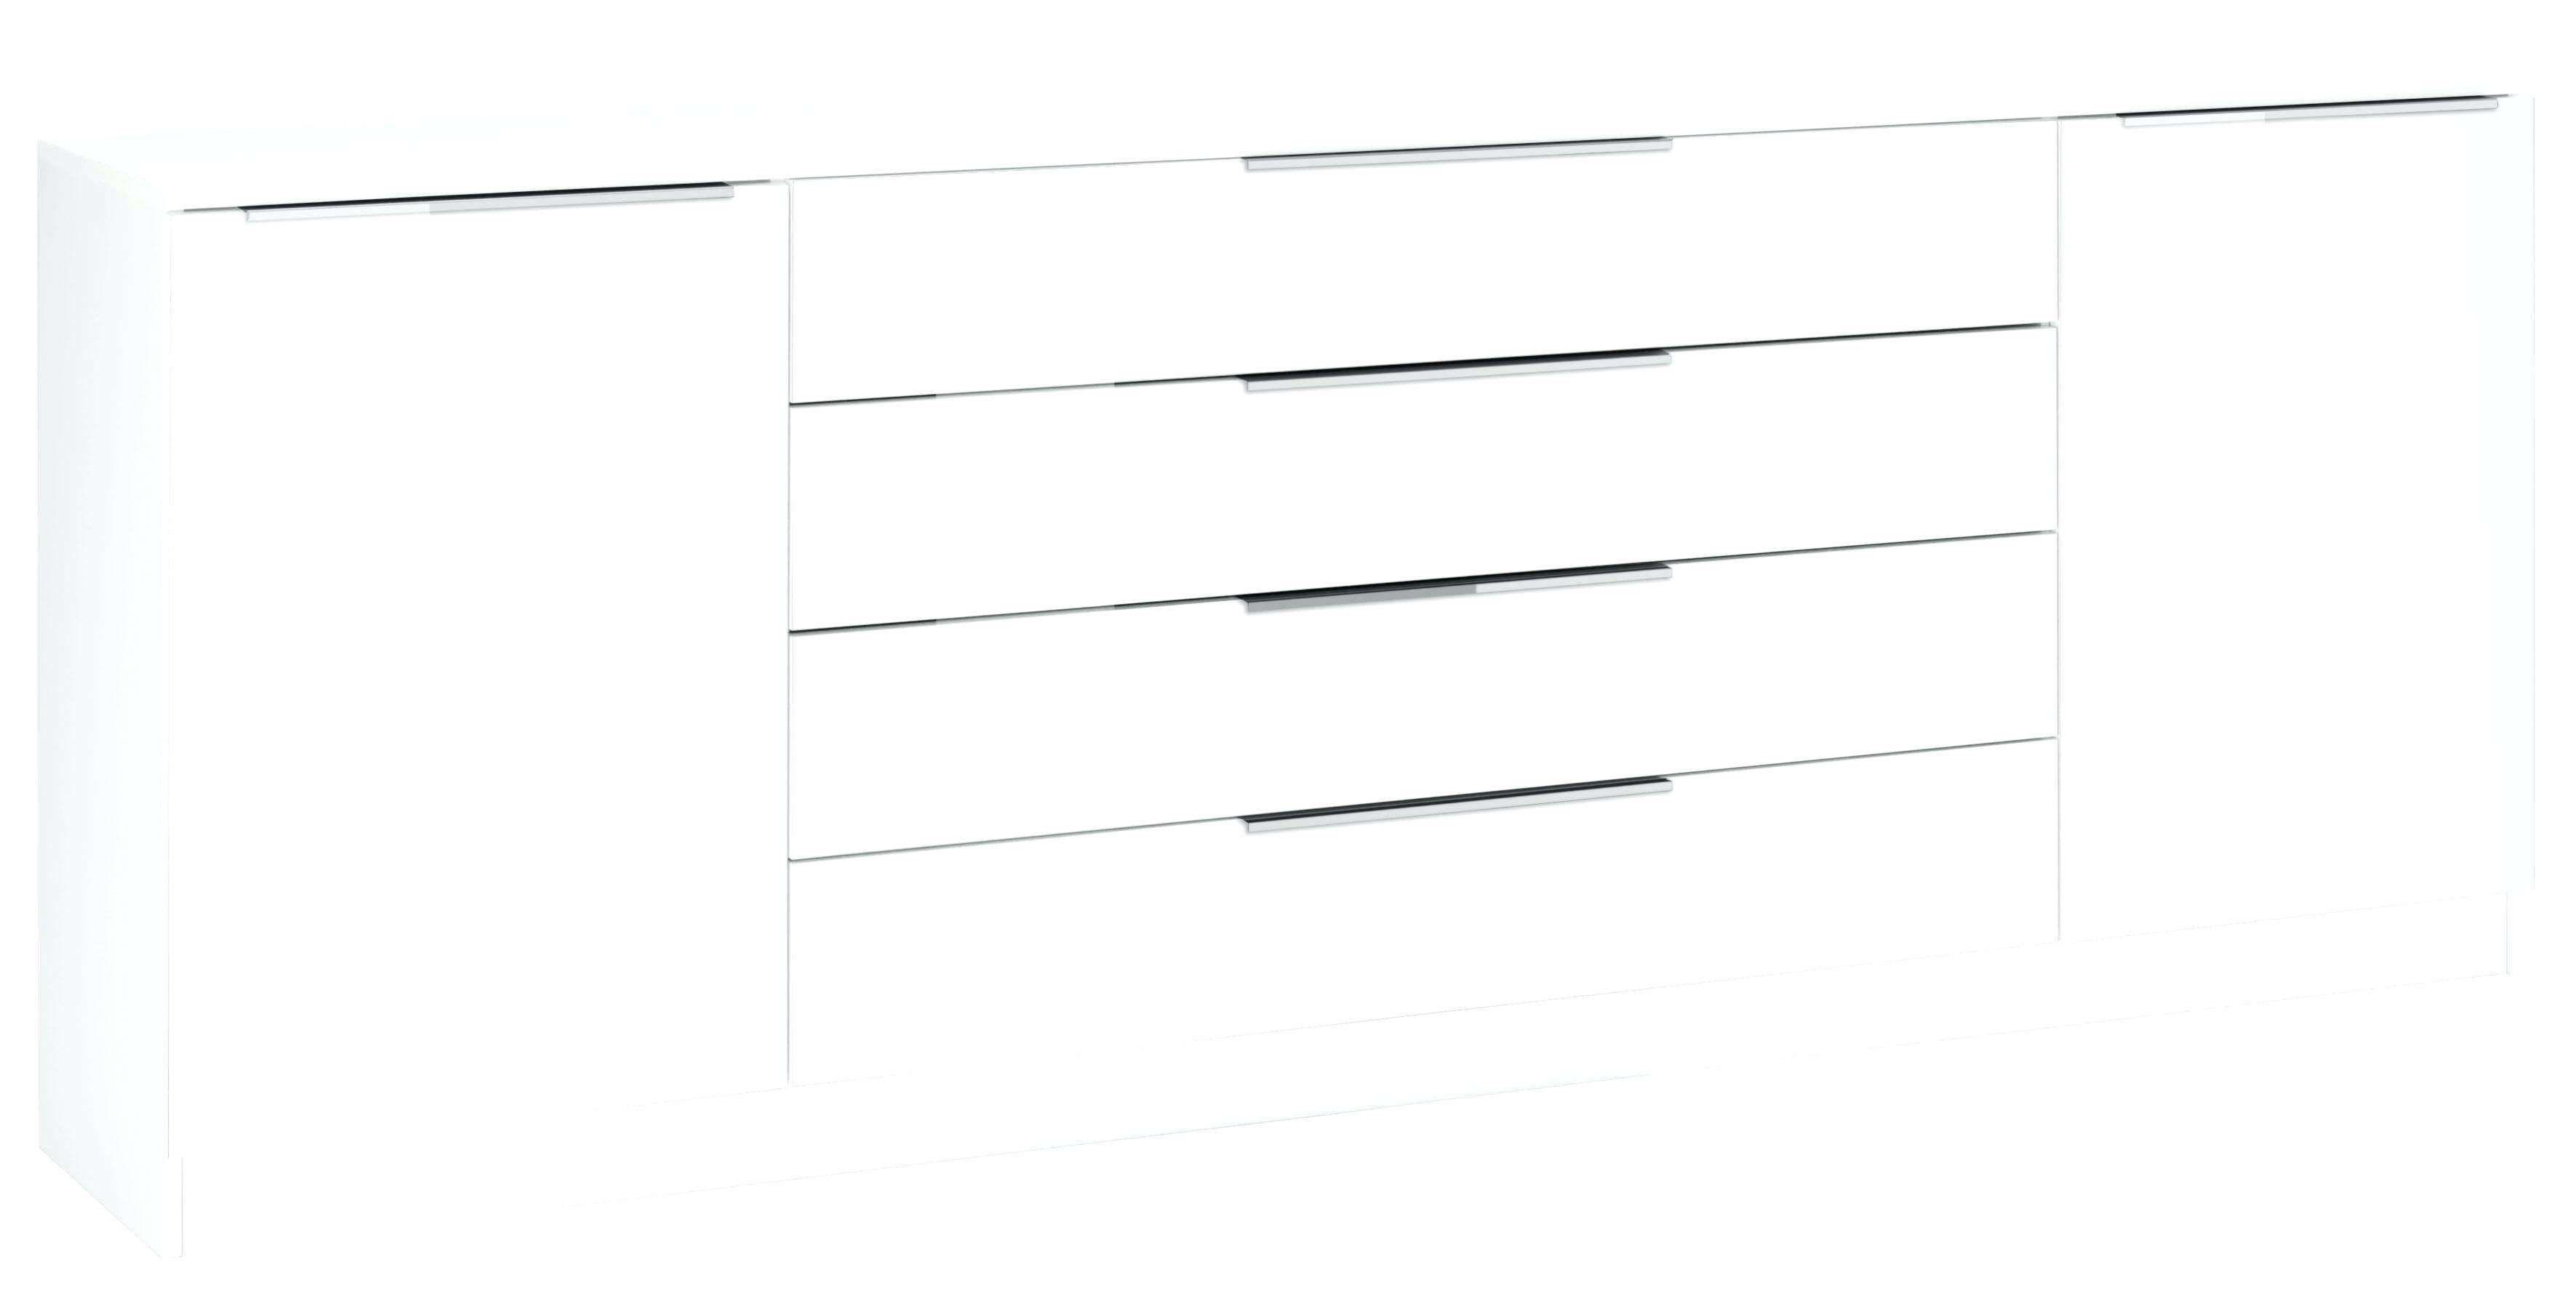 Sideboard 200 Cm Breit Kommode 200 Cm Sideboard Anrichte Mit Schubkasten 4 Ta 1 Rig Eiche In 2020 Home Decor Decor Furniture